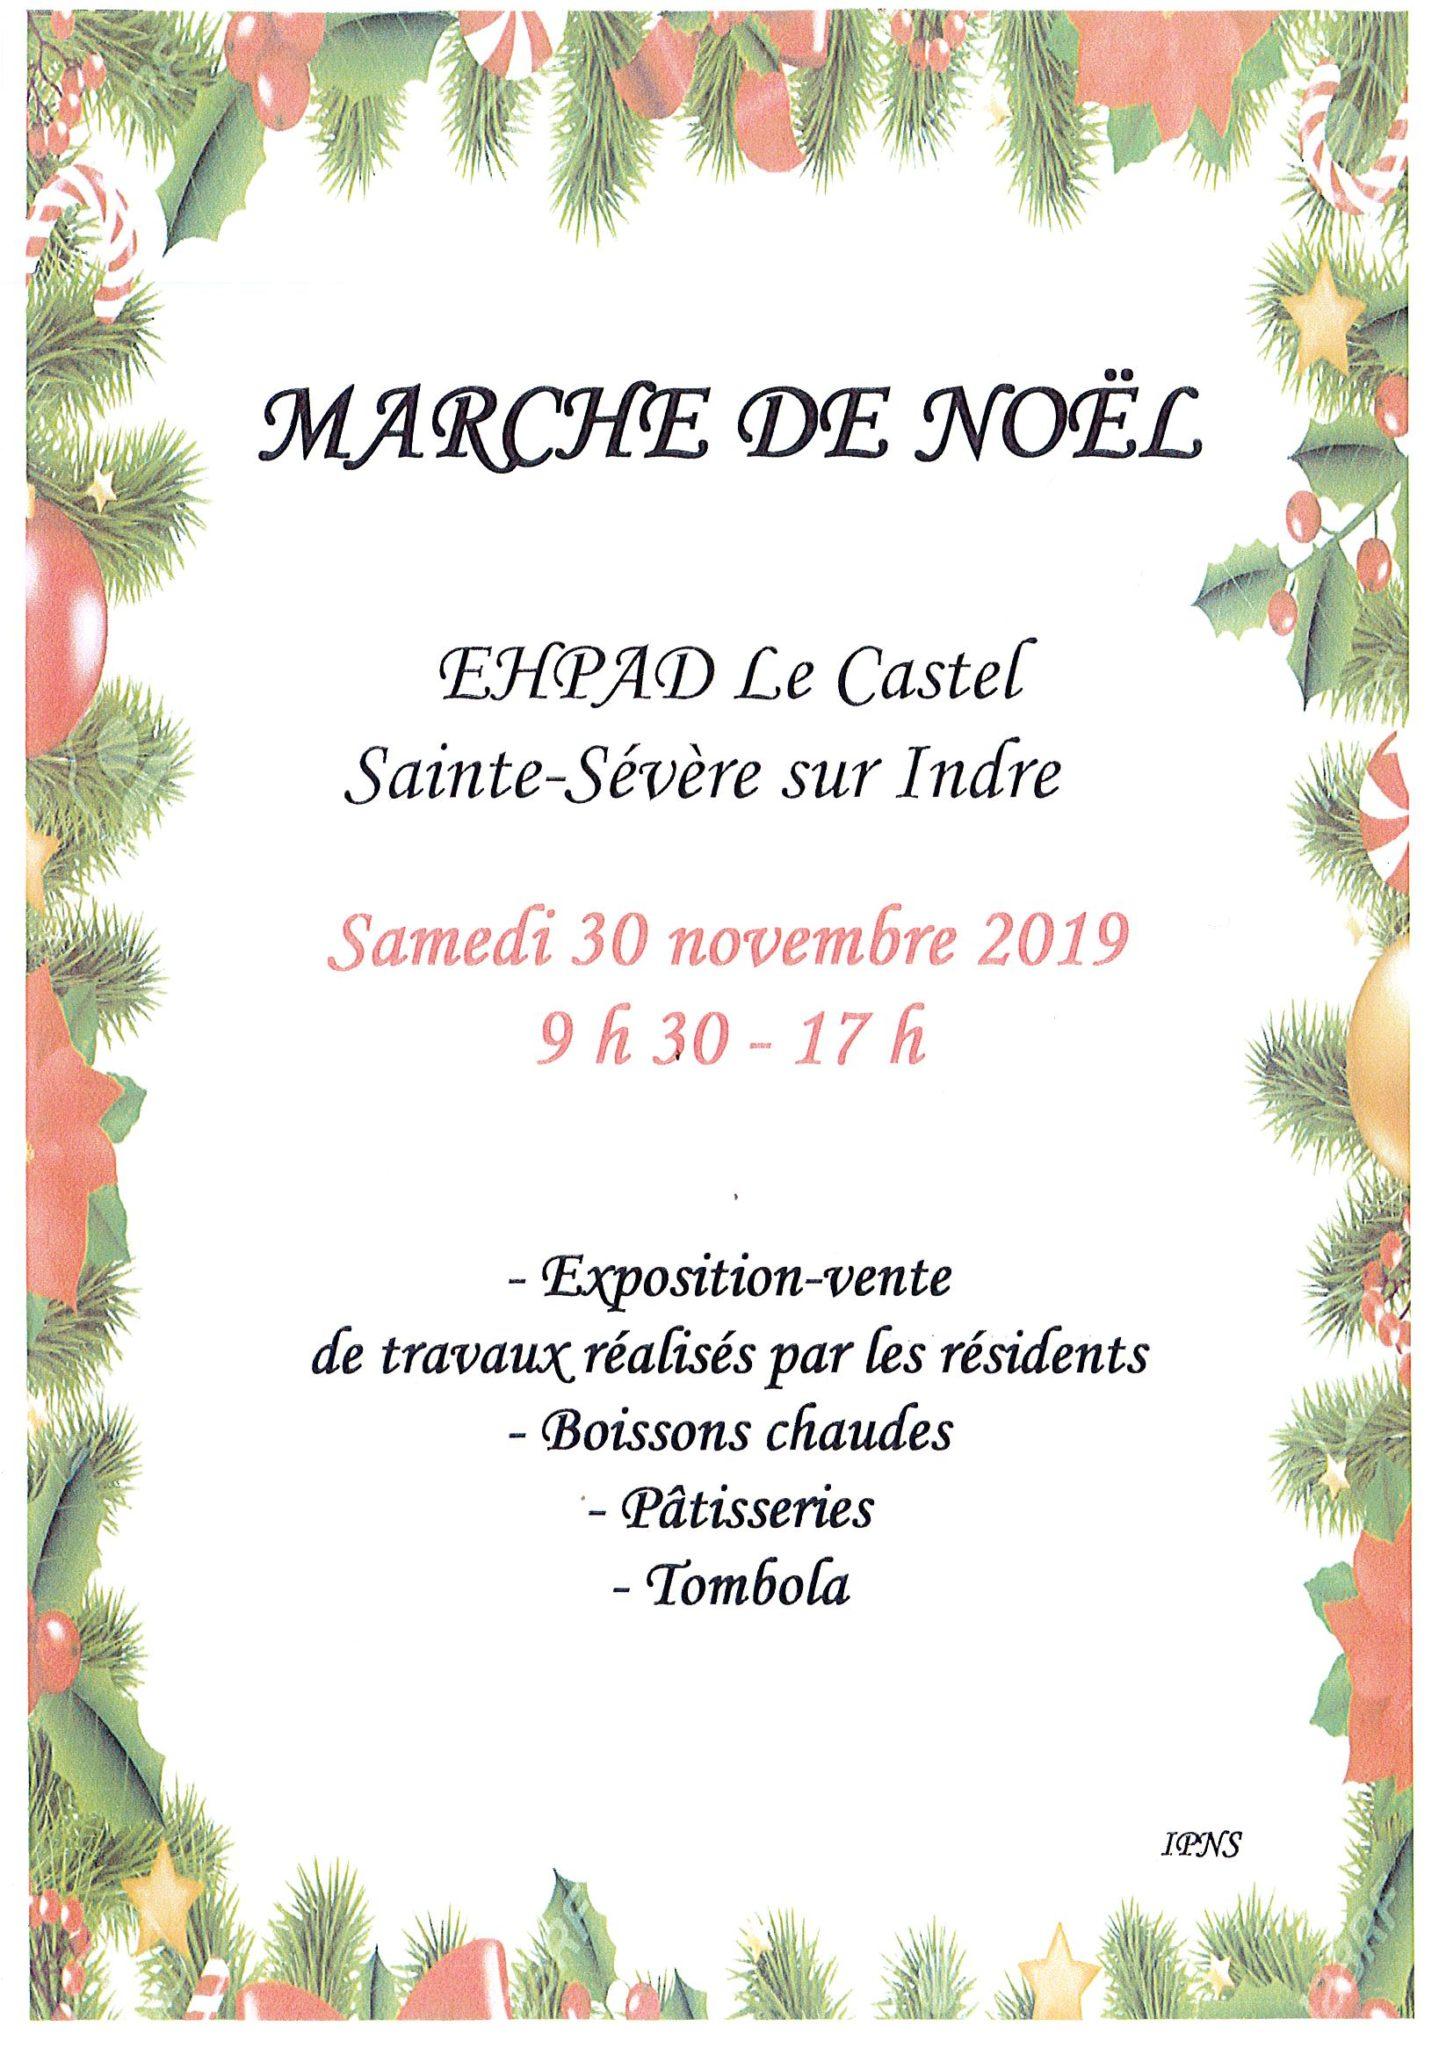 Samedi 30 novembre – Marché de Noël de l'EHPAD le Castel